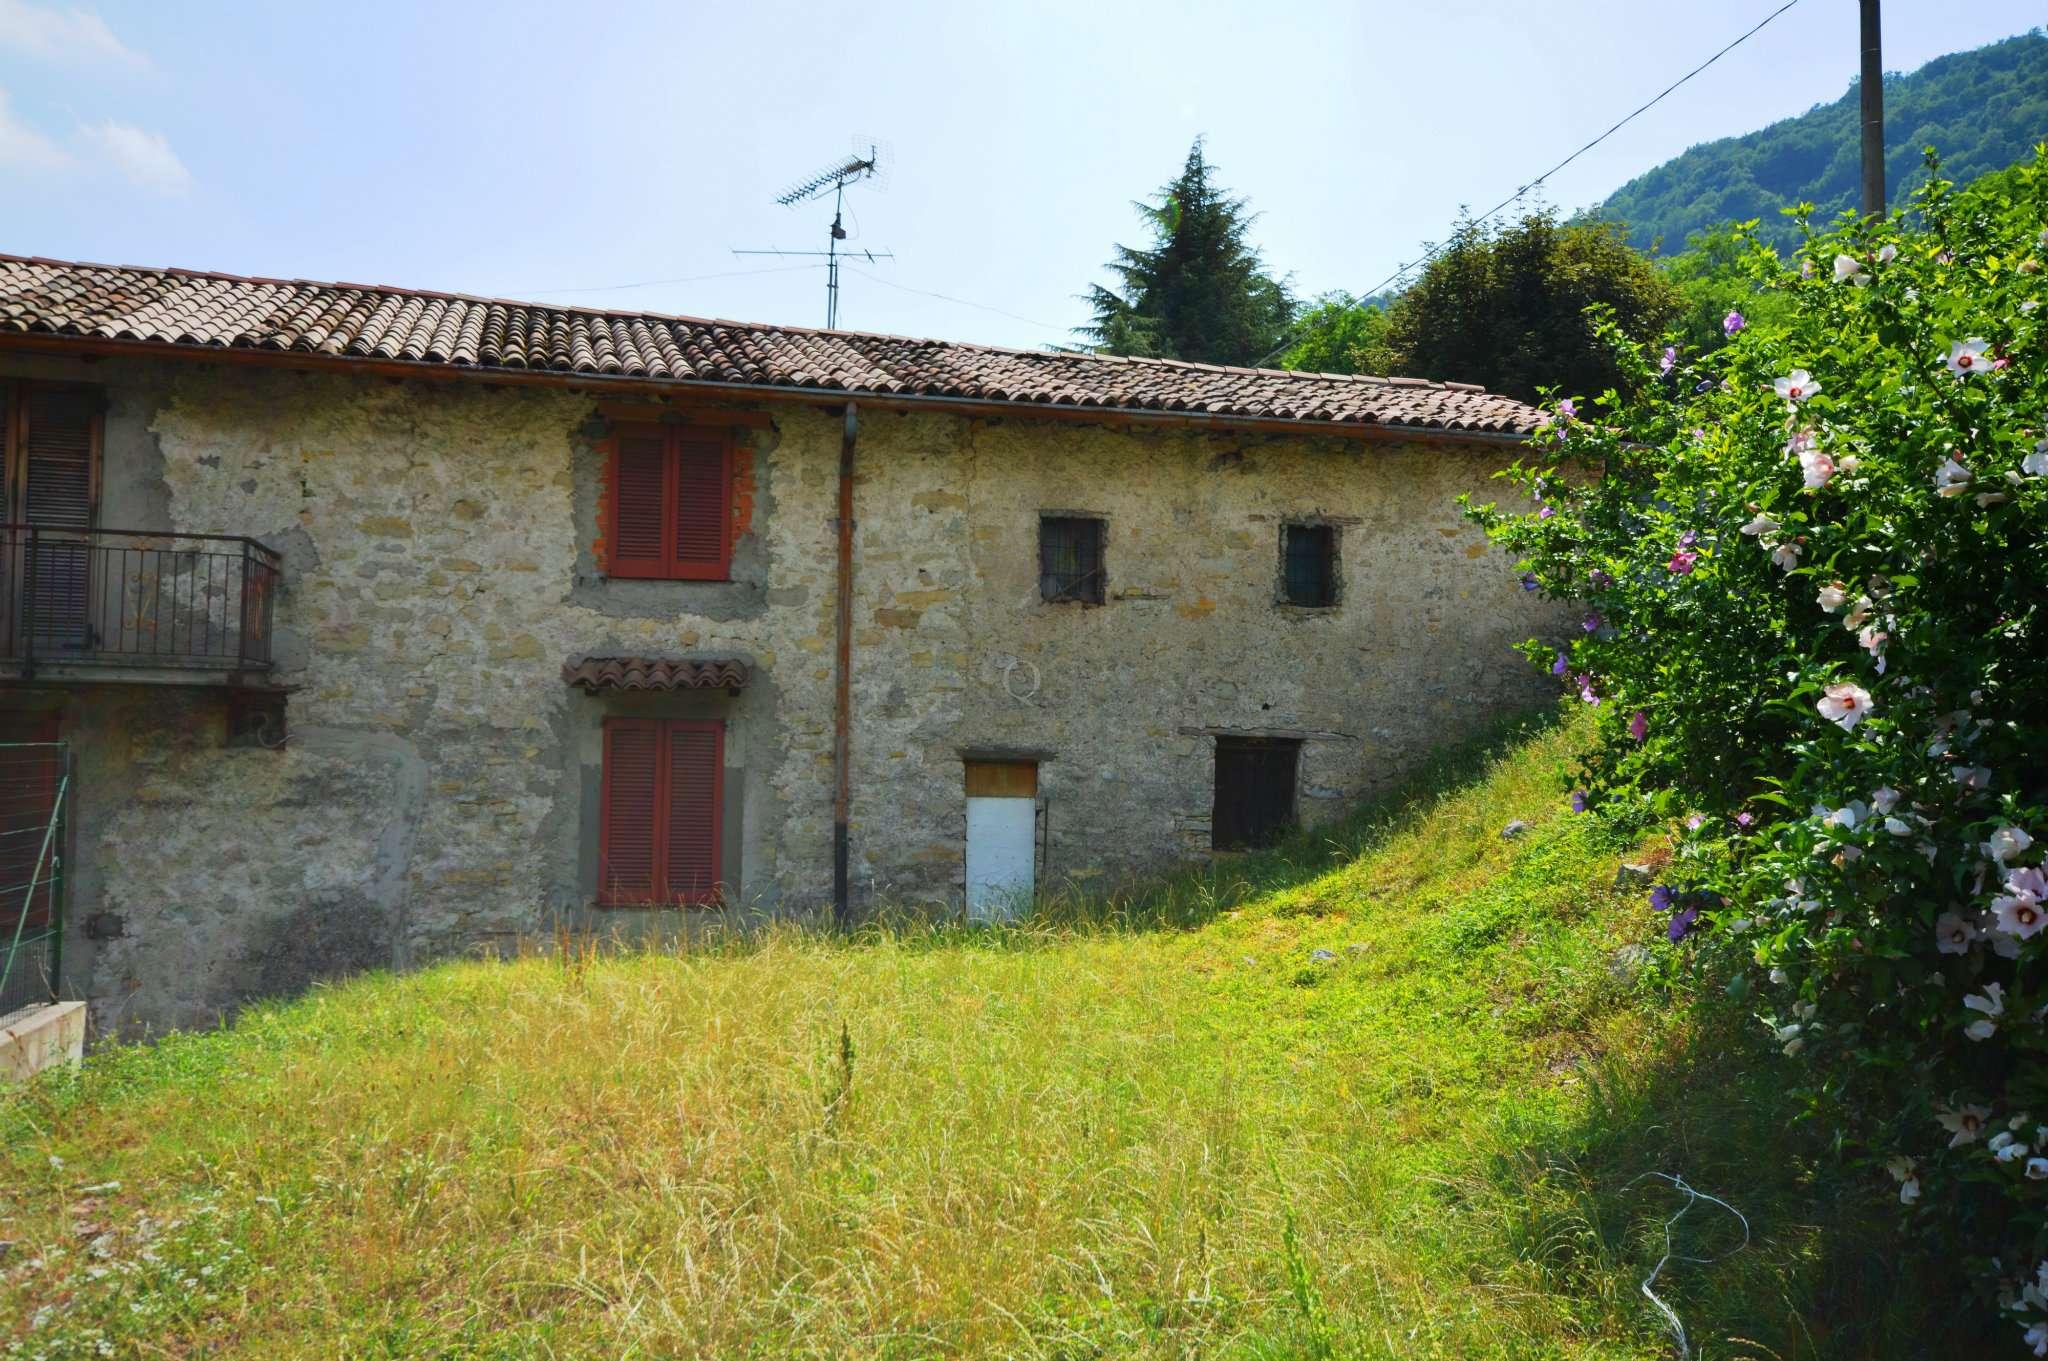 Soluzione Indipendente in vendita a Adrara San Rocco, 7 locali, prezzo € 99.000 | PortaleAgenzieImmobiliari.it